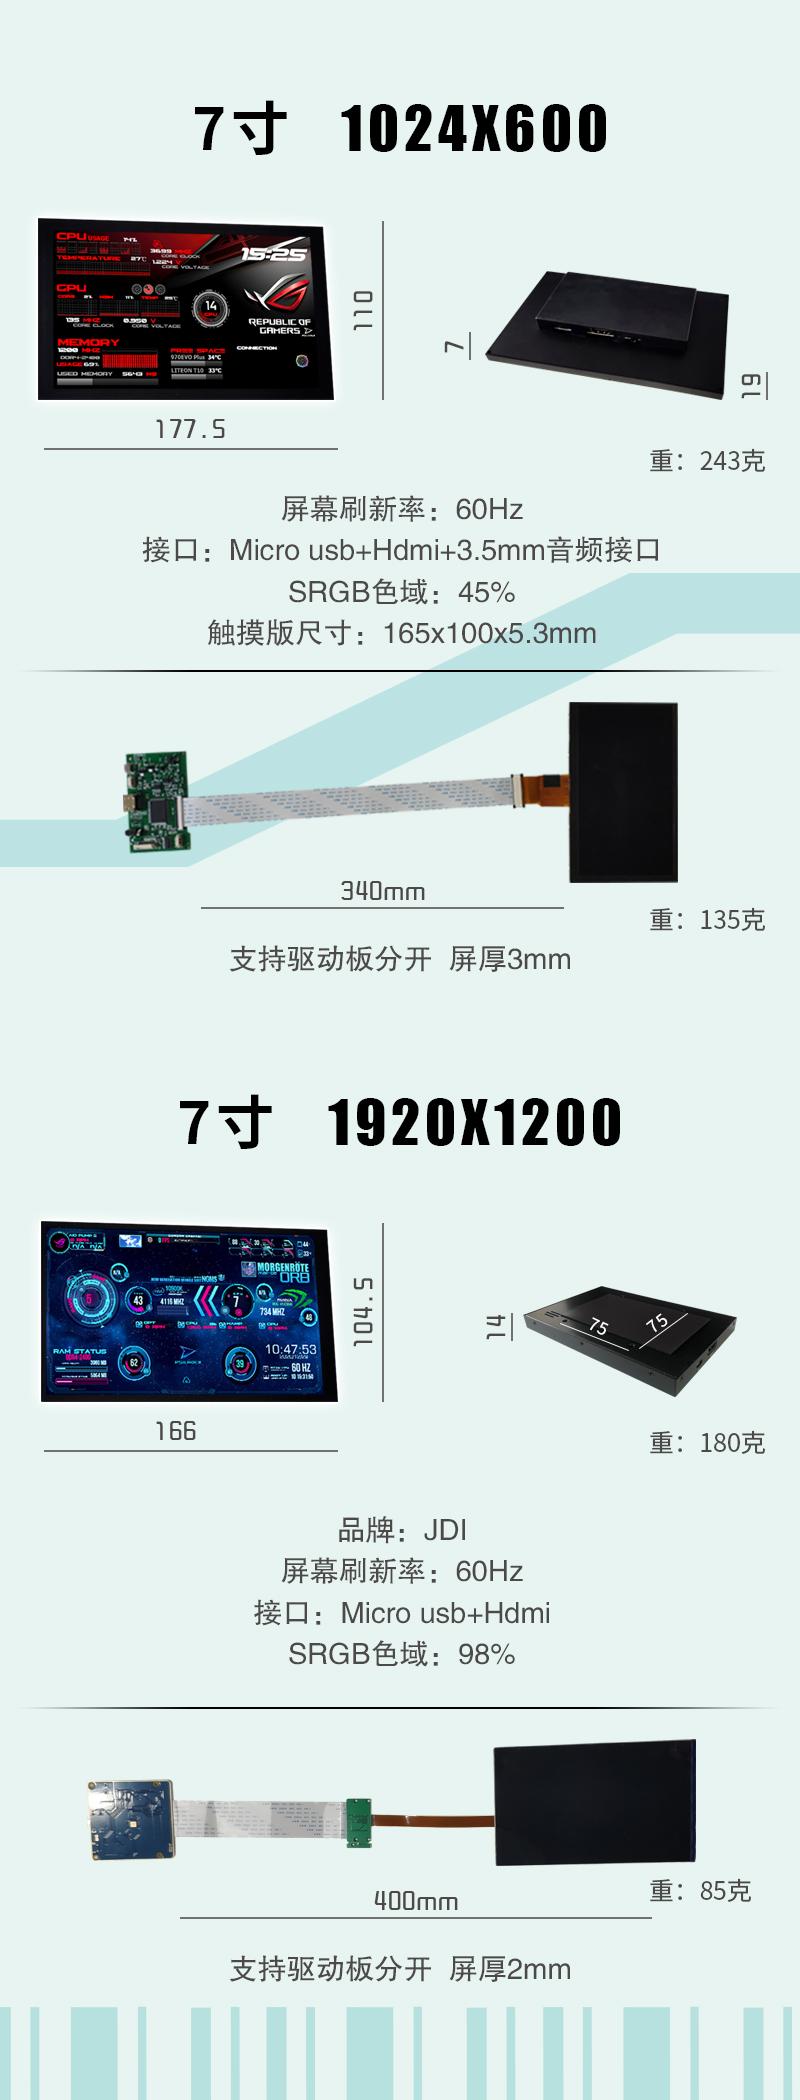 主机壳动态显示屏显示器主机温控副屏硬件温度监控寸触摸详细照片